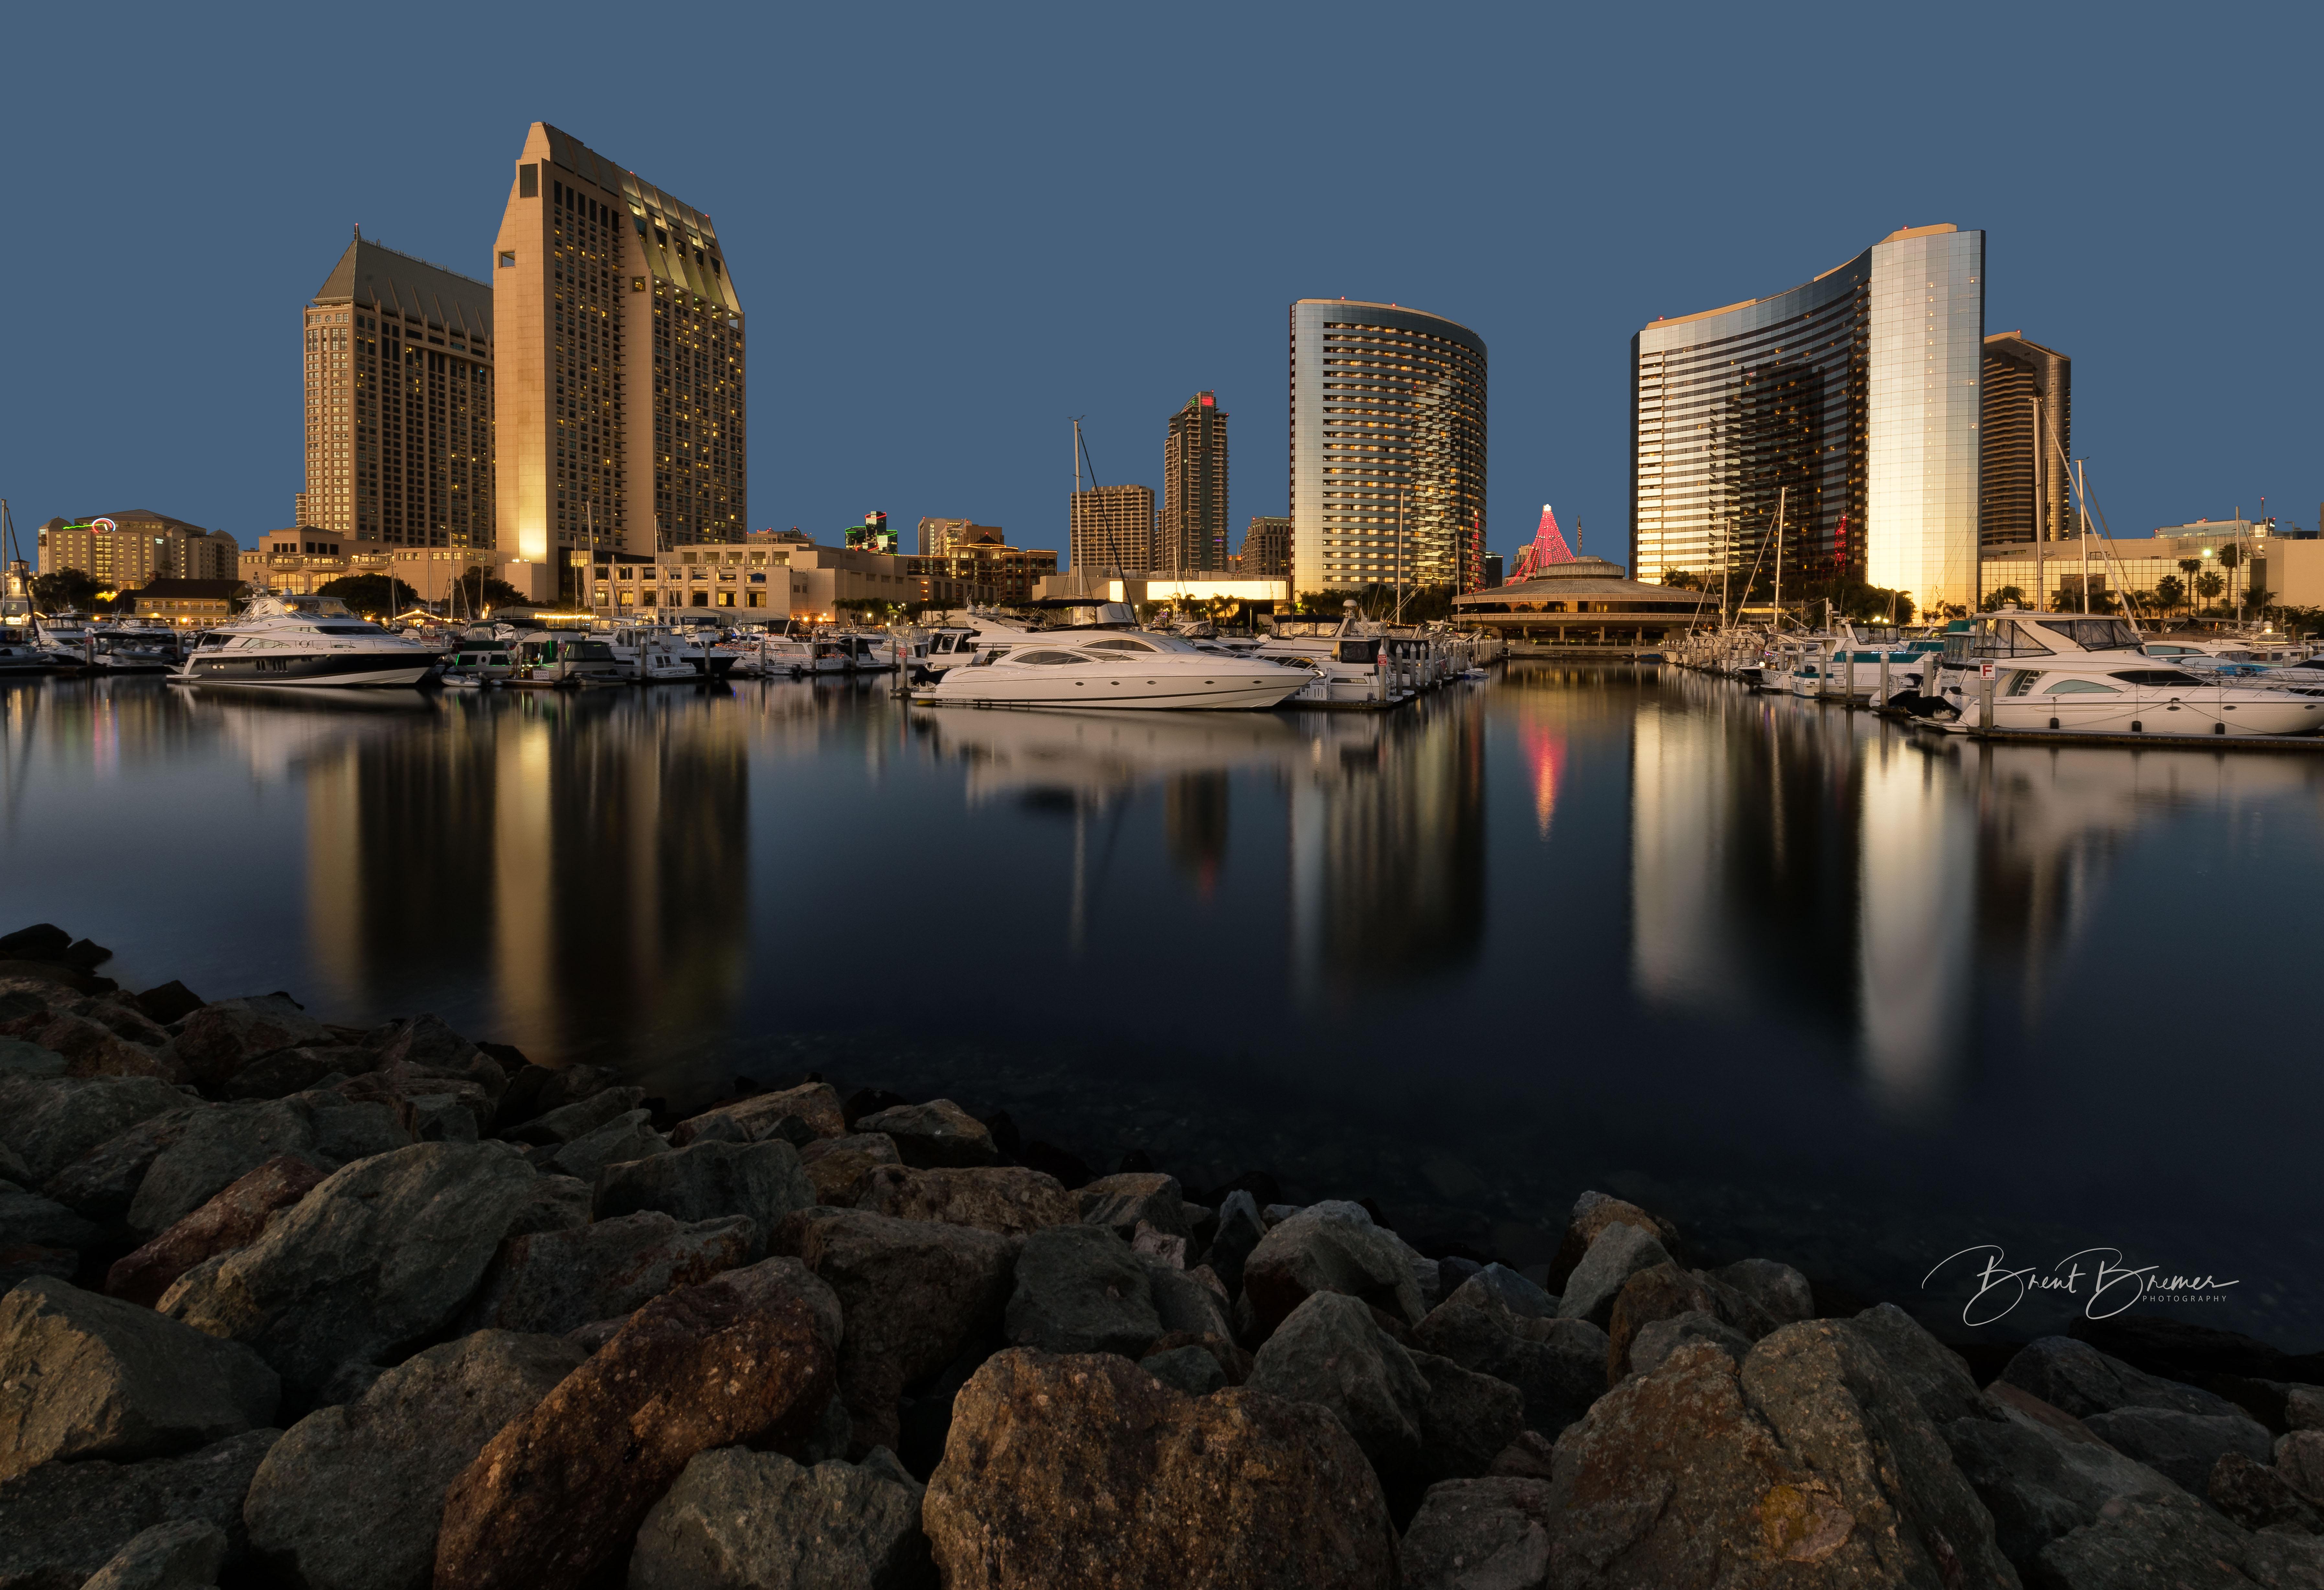 San Diego Embarcadero Dusk